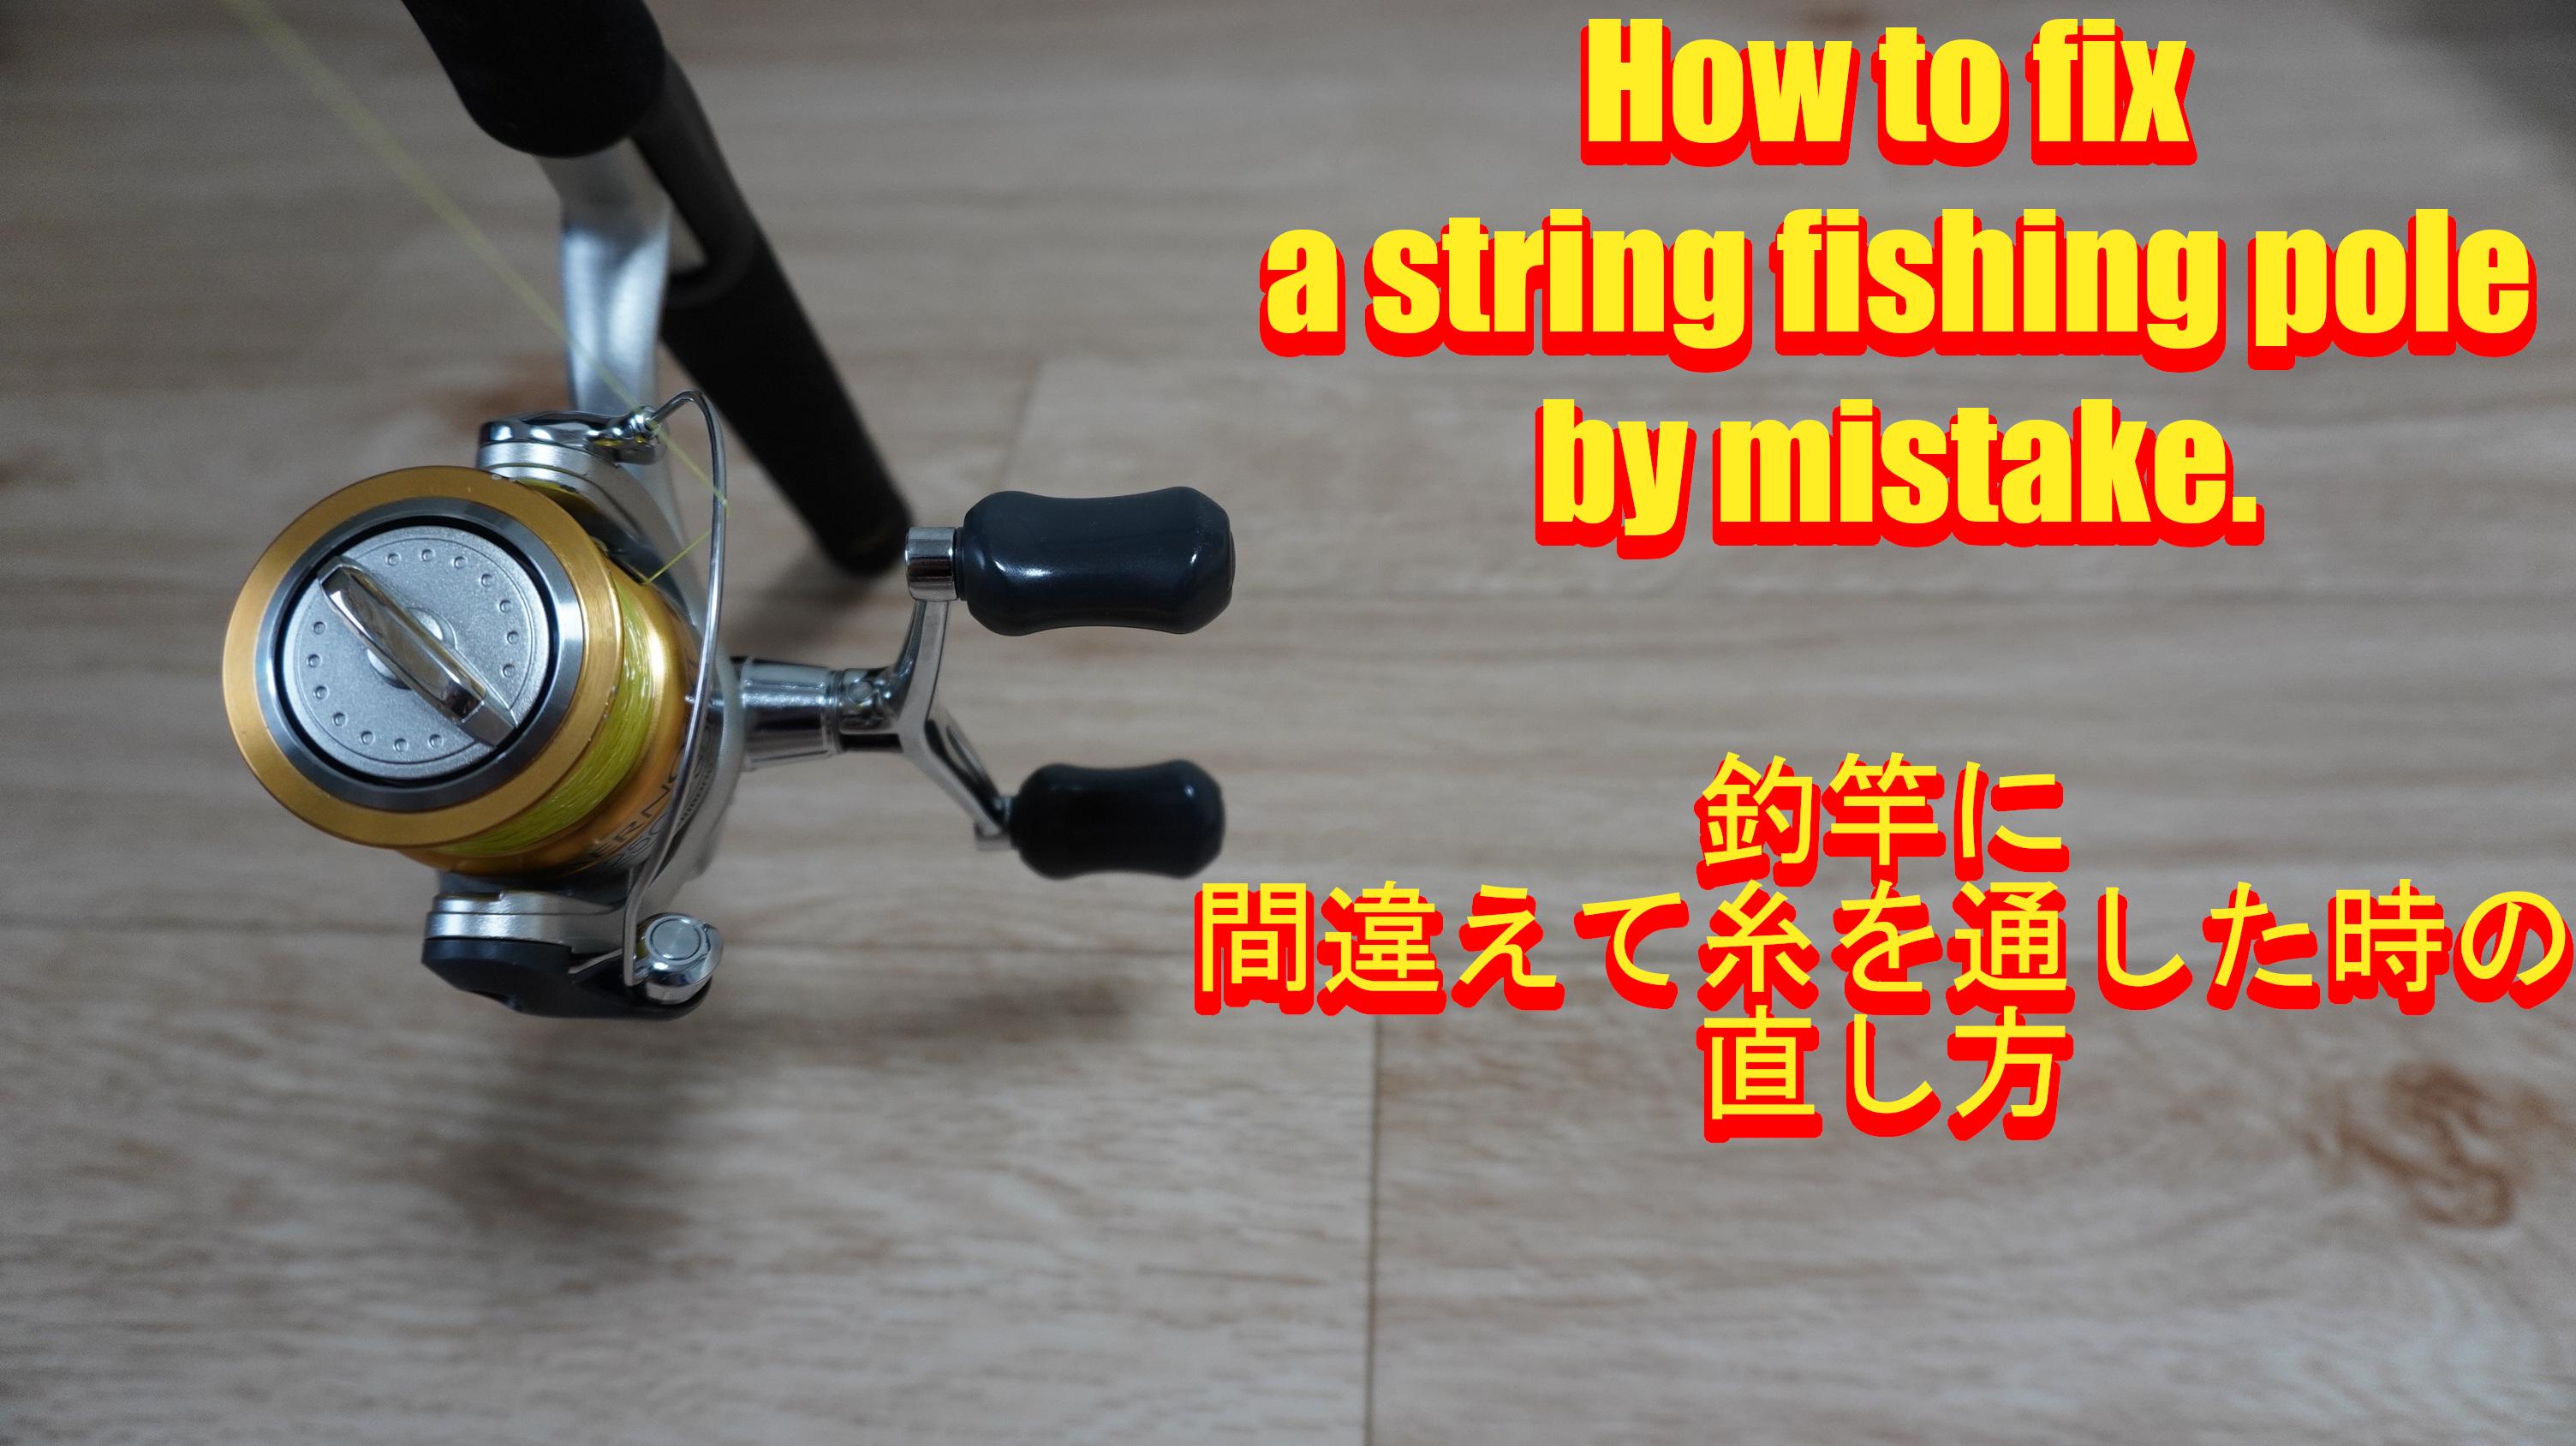 釣竿に間違えて糸を通した時の直し方サムネイル